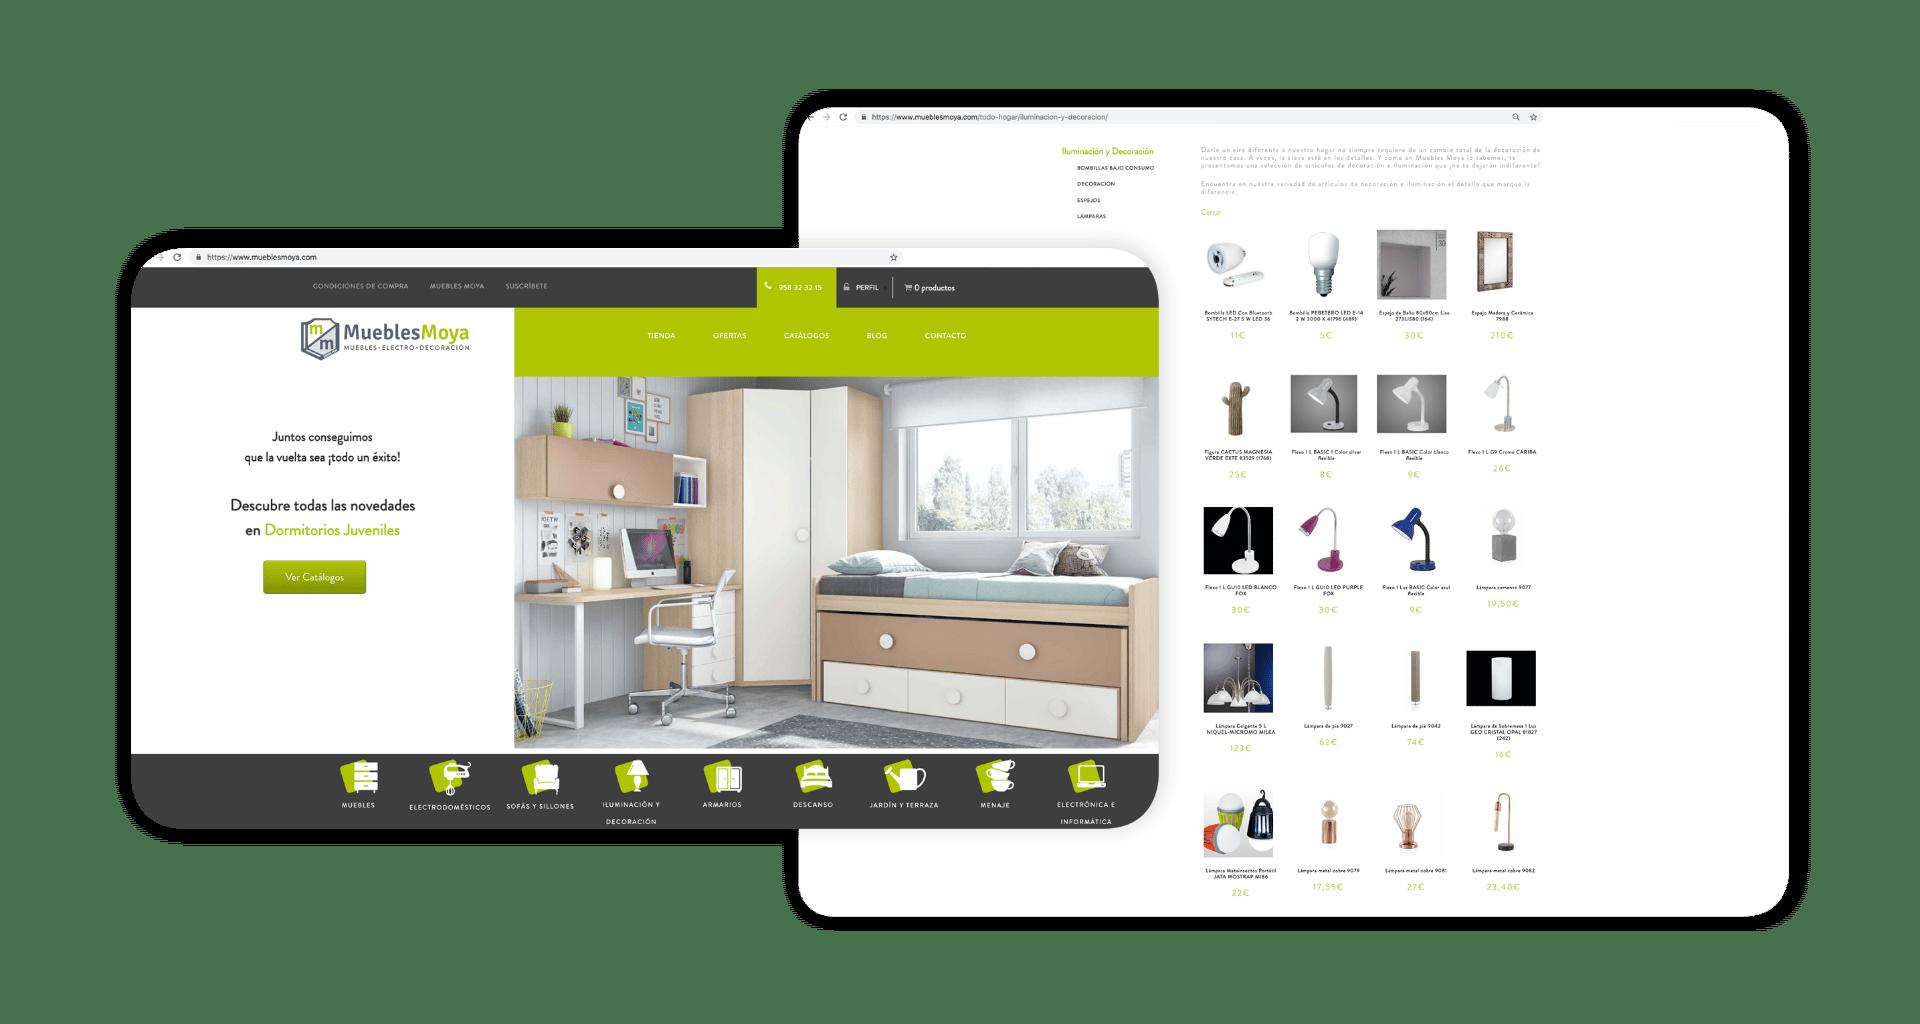 Diseño Tienda Online de Muebles Moya - Diseño Web Tienda Online